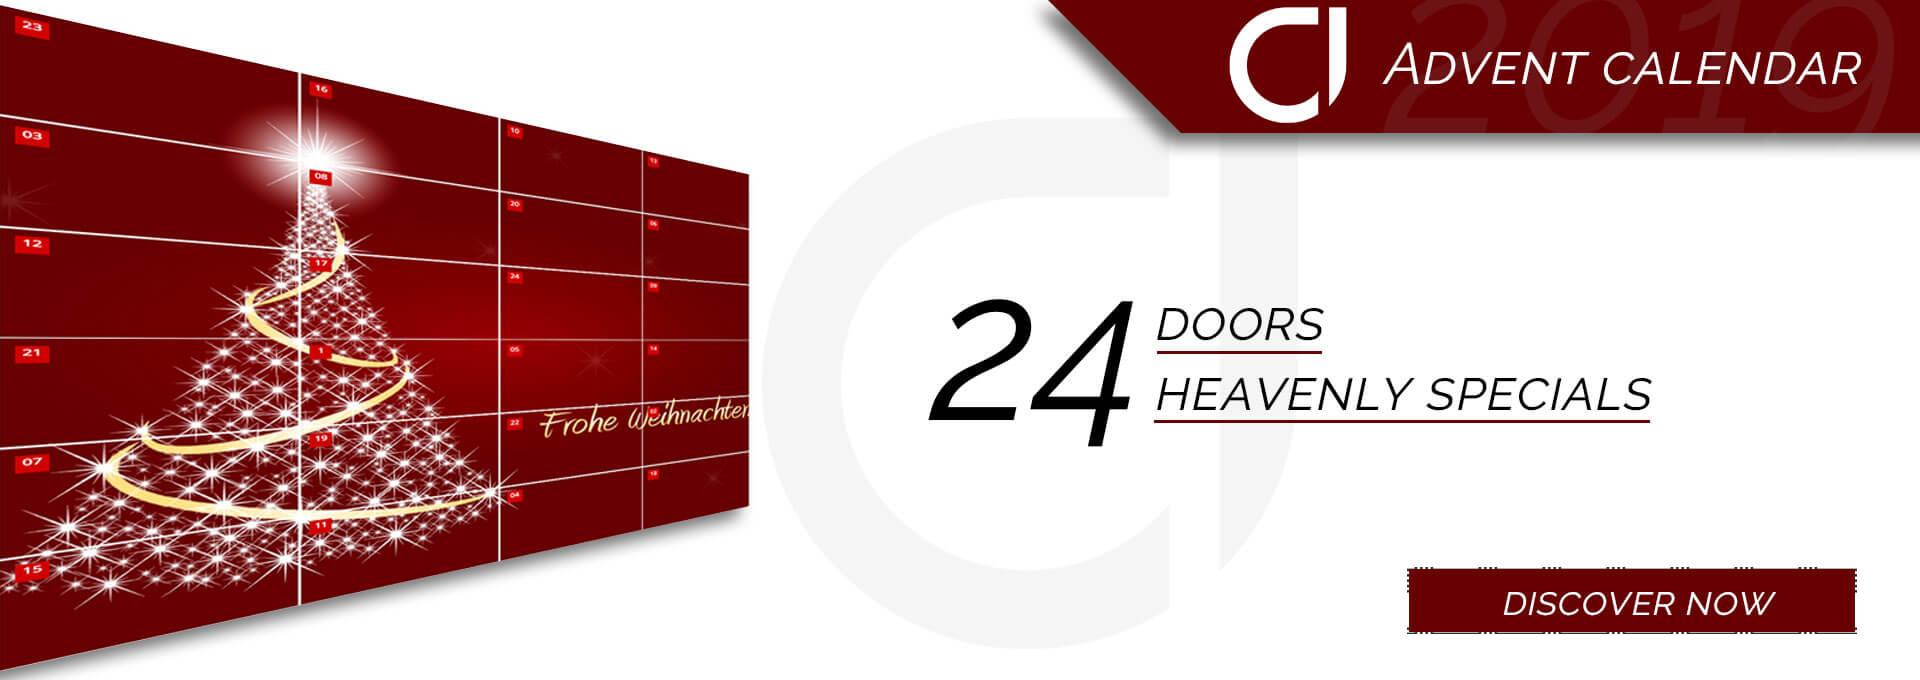 Advent Calender - 24 specials